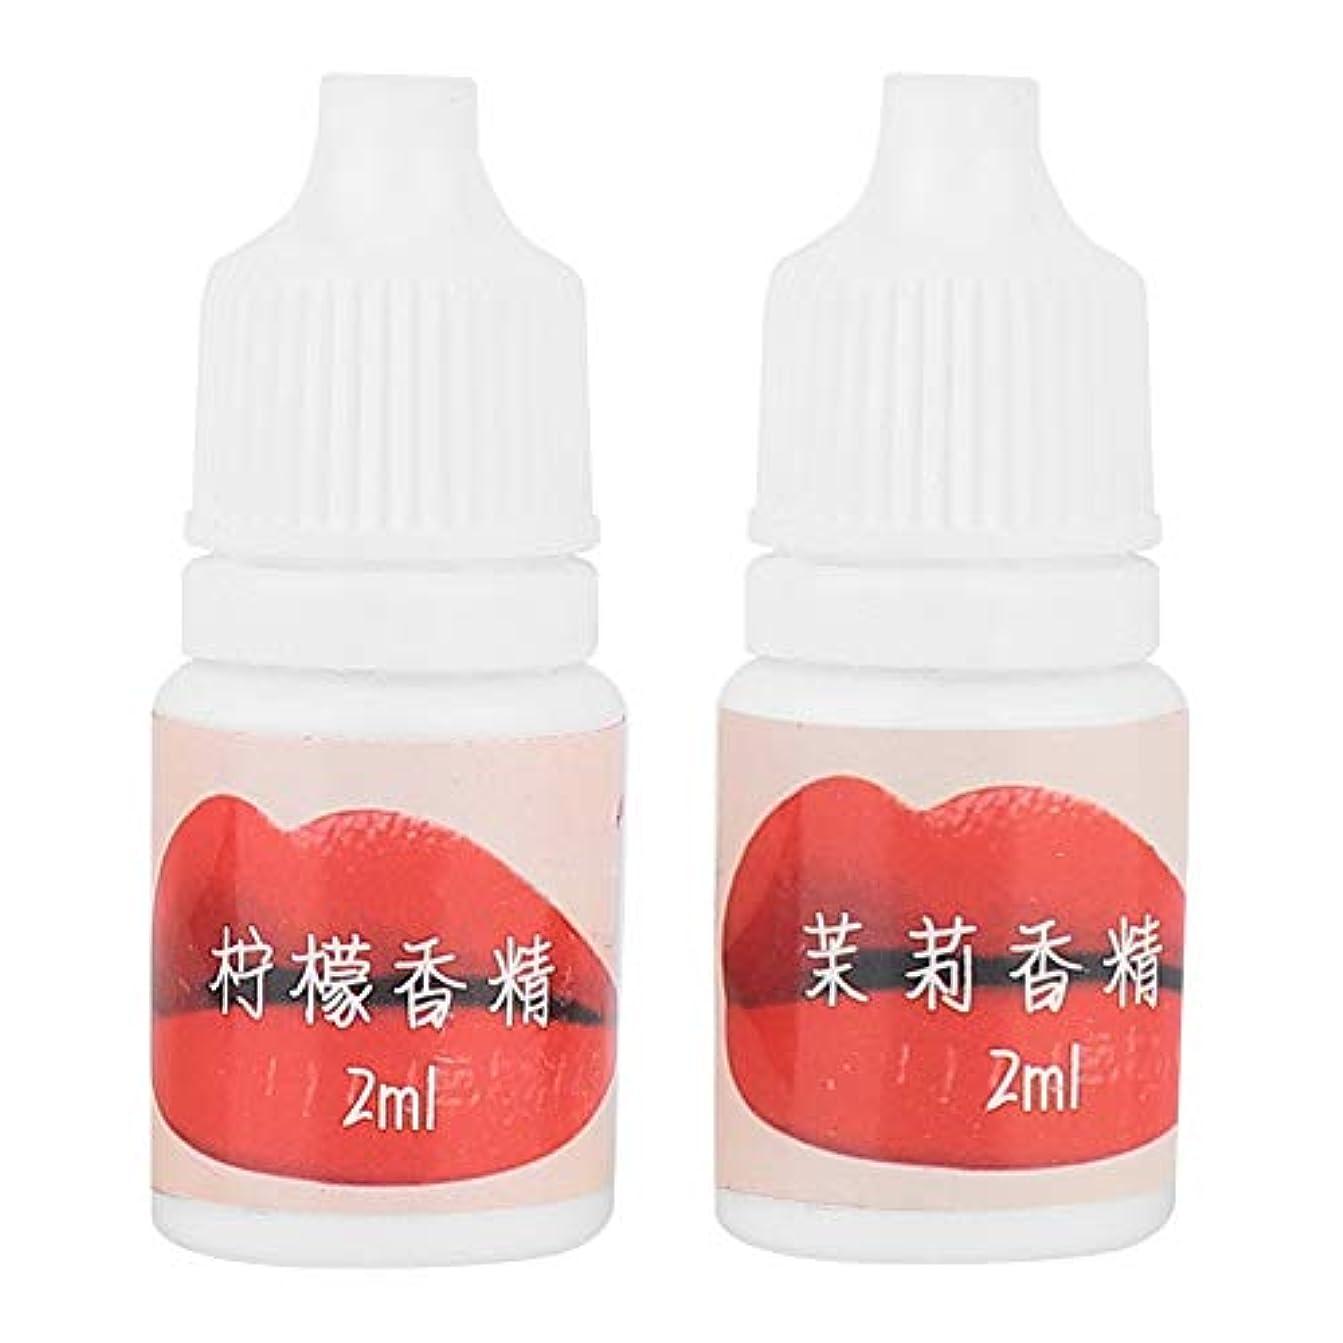 文哀れなドット4個 DIY 口紅 本質の香り 自家製 口紅DIY 粉材料型(01)